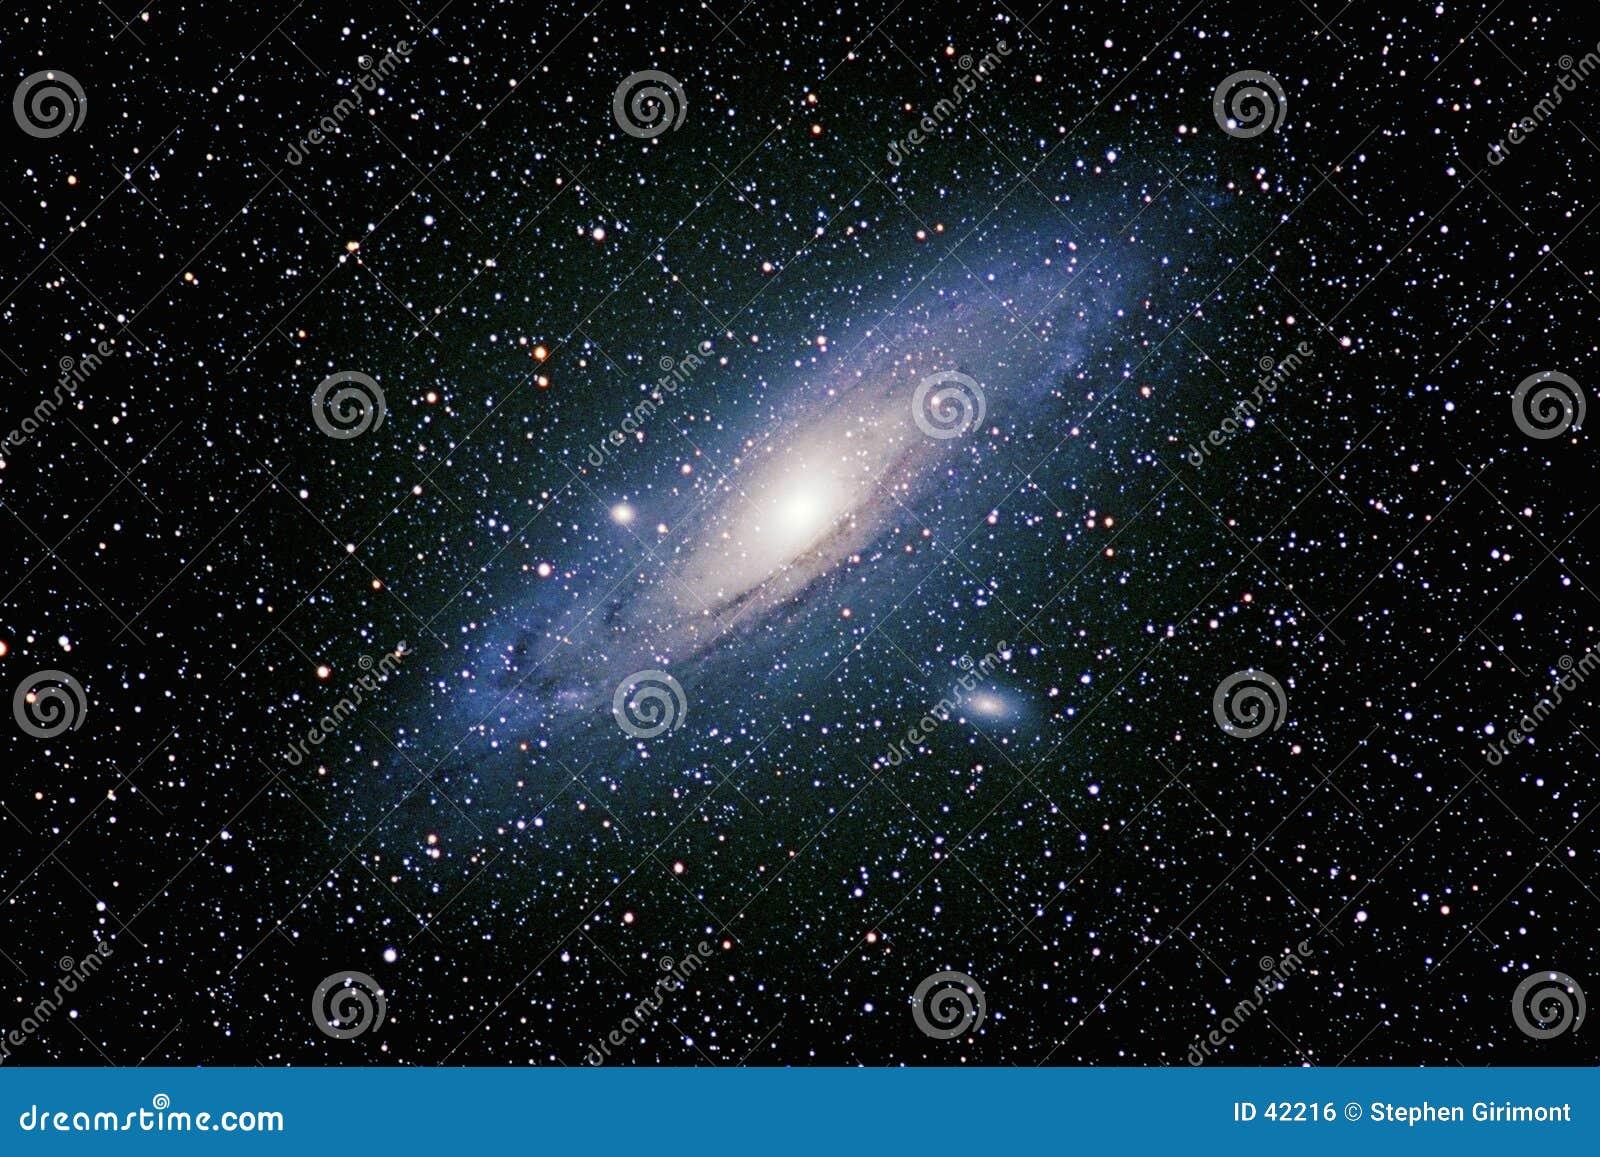 Andromedagalax